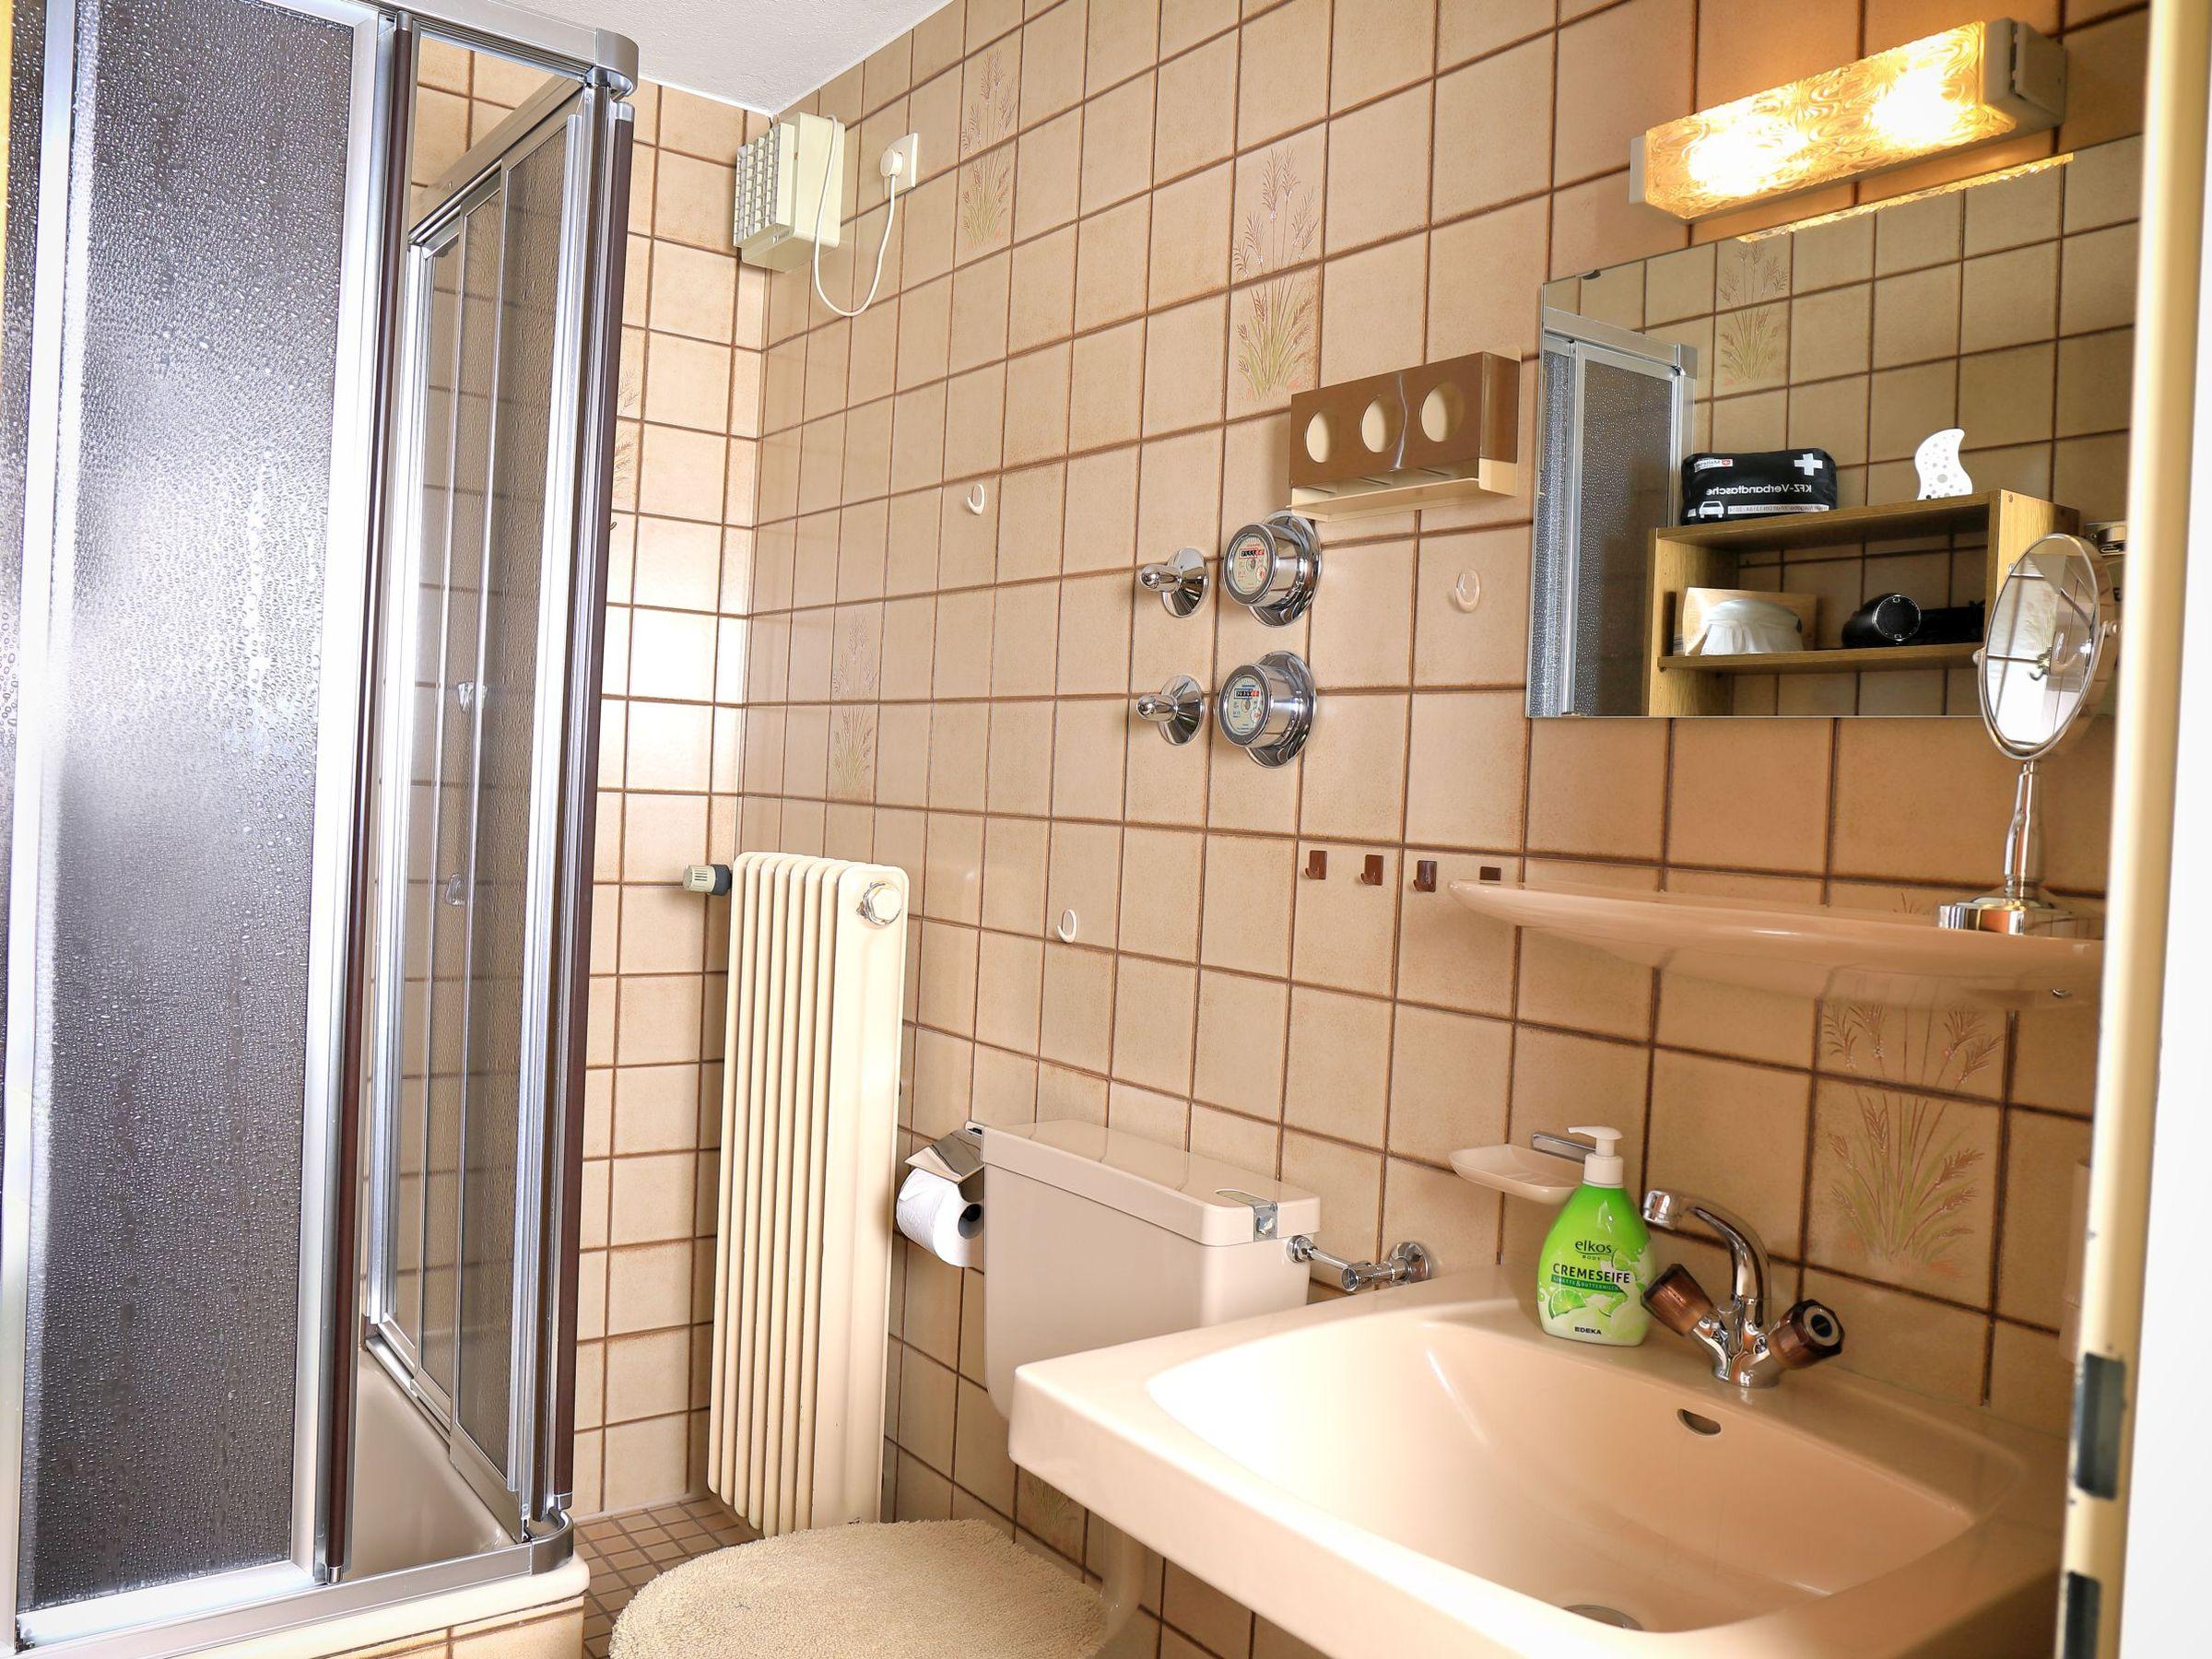 Ferienwohnung Haus Monika Ferienwohnungen, (Herrischried). Ferienwohnung Nr. 4, 62 qm, Balkon, 2 Schlafz (2299232), Herrischried, Schwarzwald, Baden-Württemberg, Deutschland, Bild 15